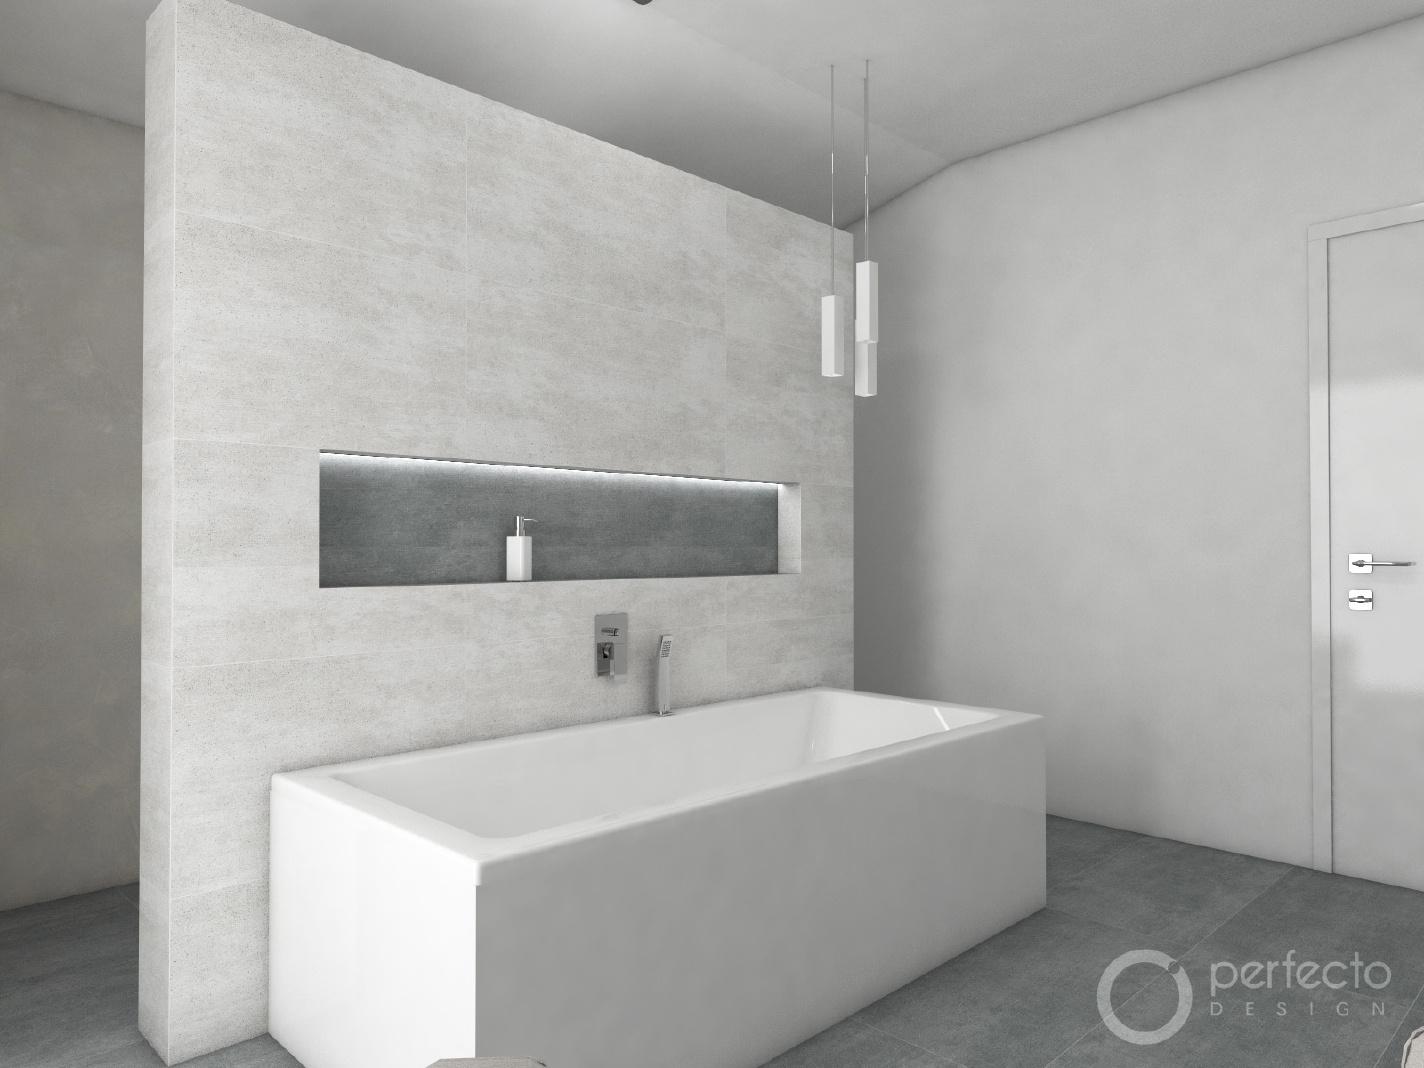 modernes badezimmer cashmere perfecto design. Black Bedroom Furniture Sets. Home Design Ideas